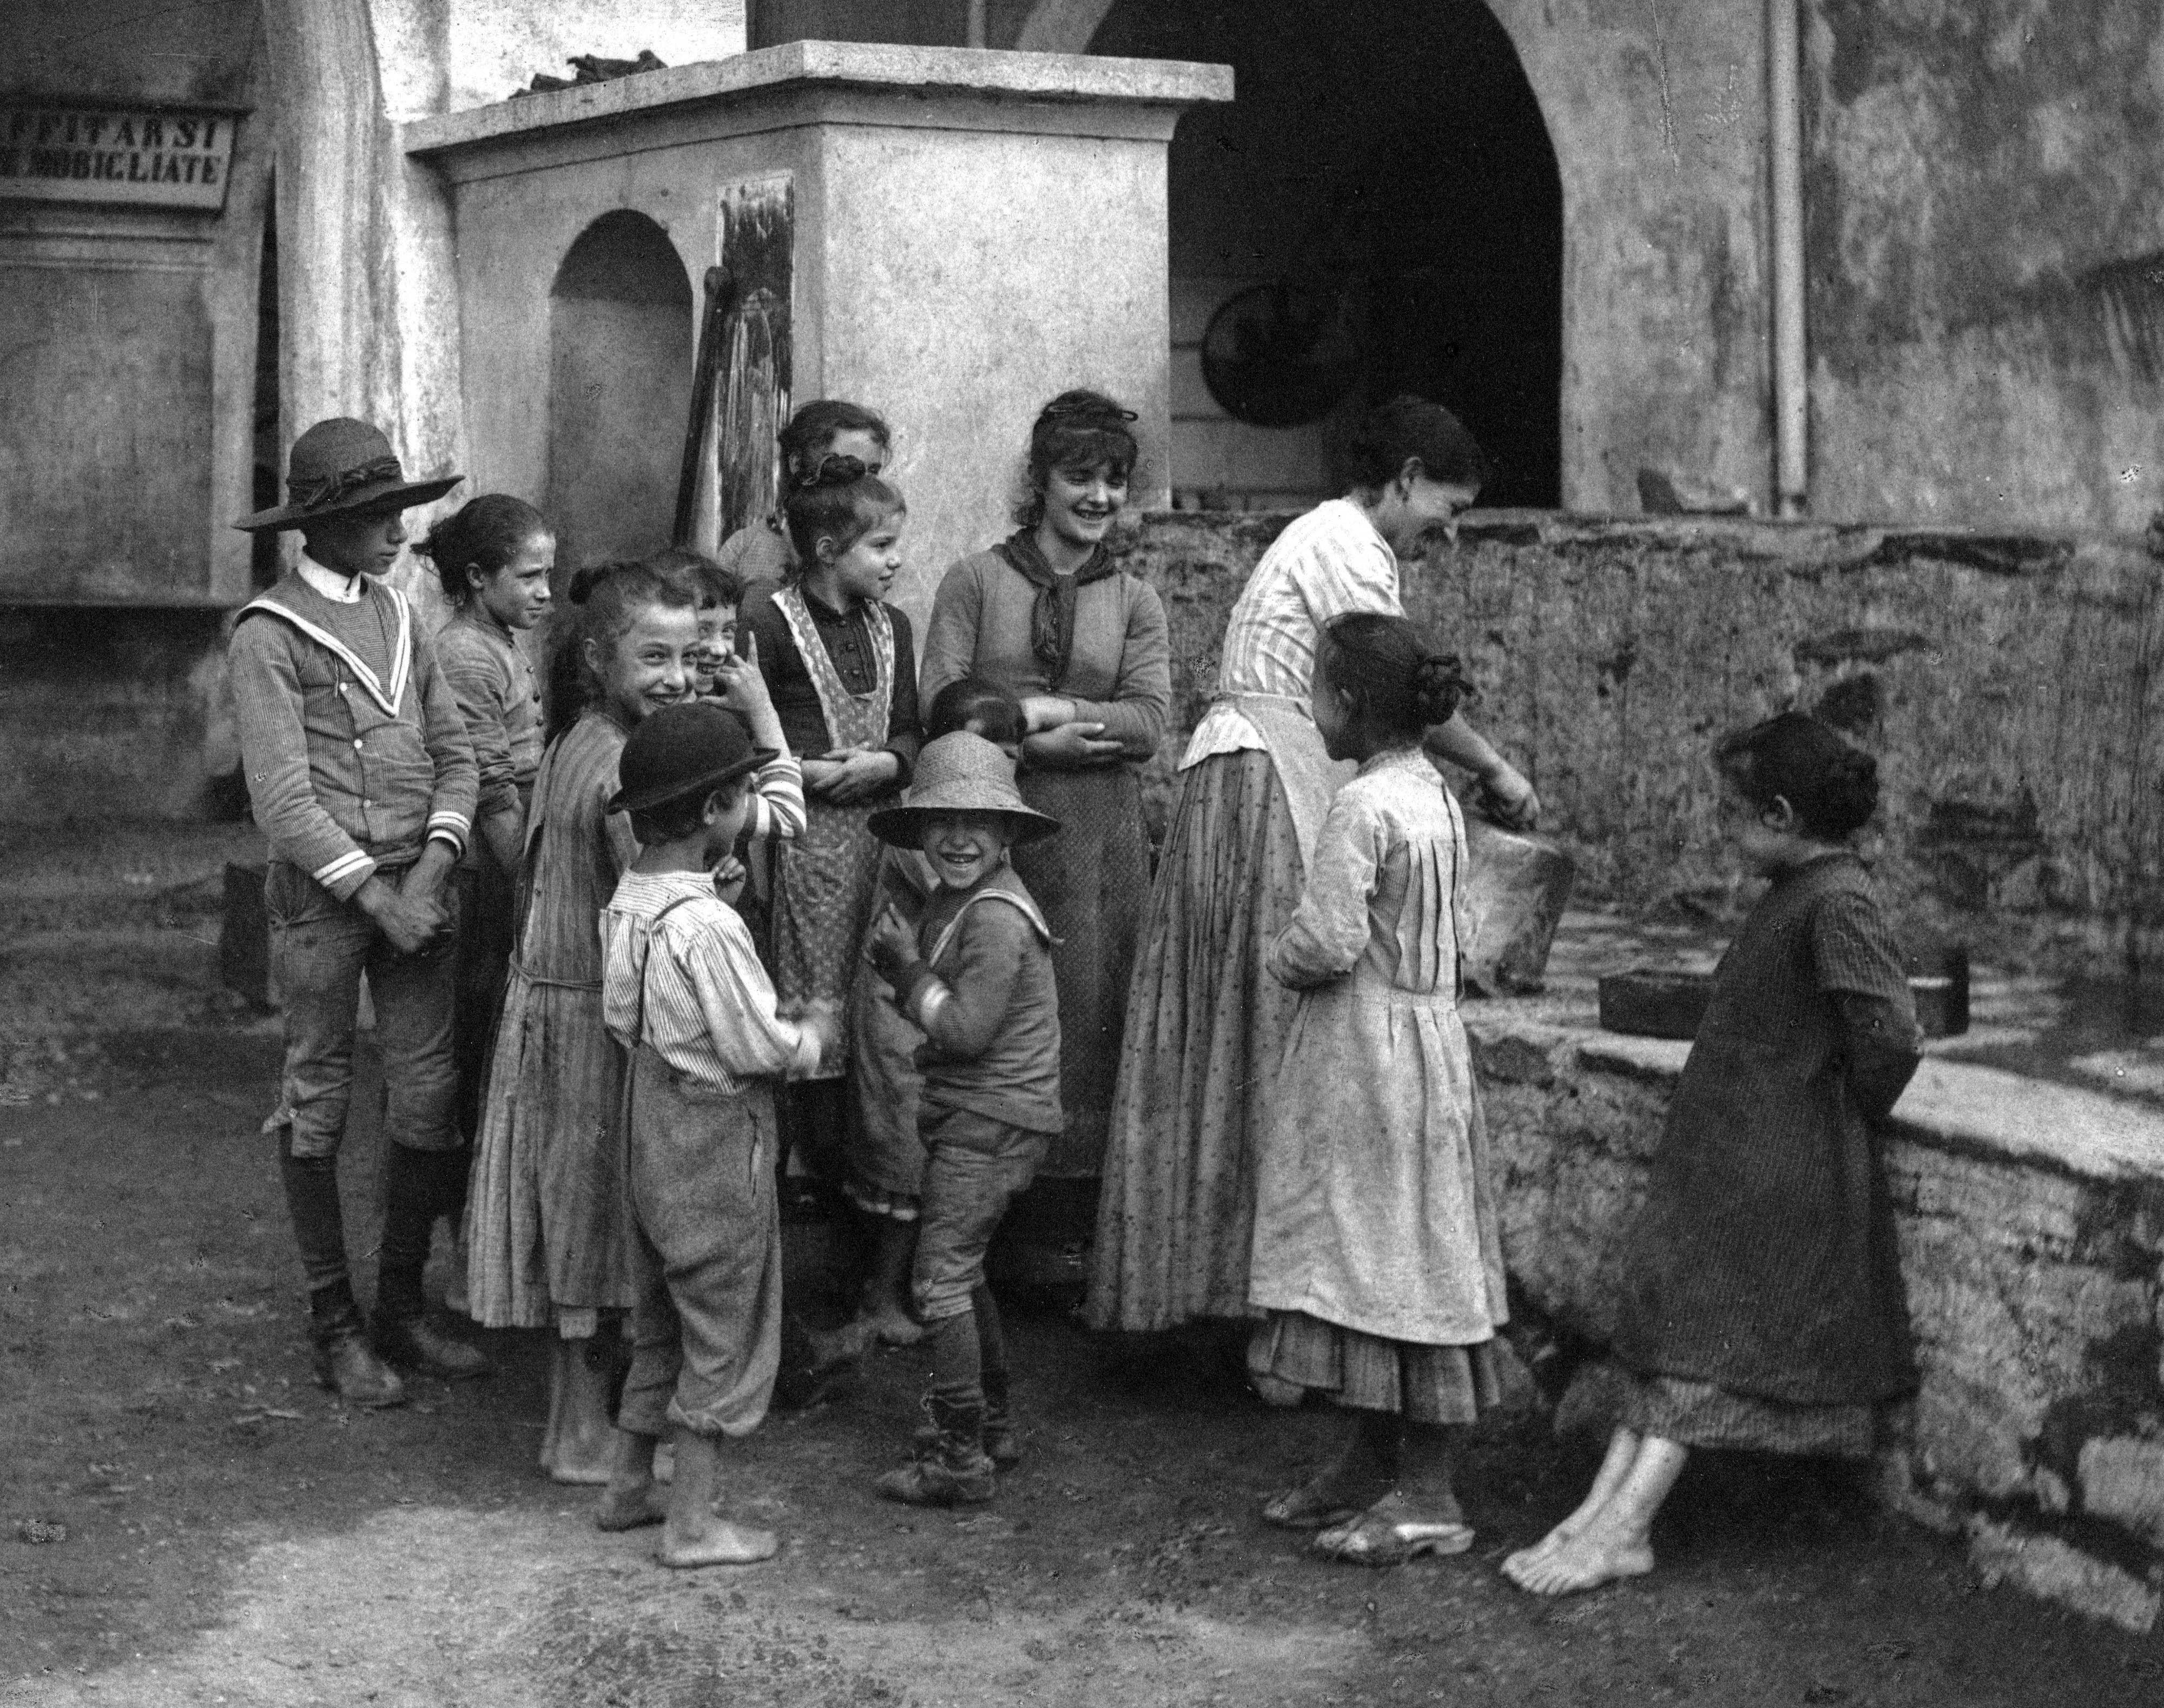 Alfred Stieglitz - The Last Joke Bellagio, 1887